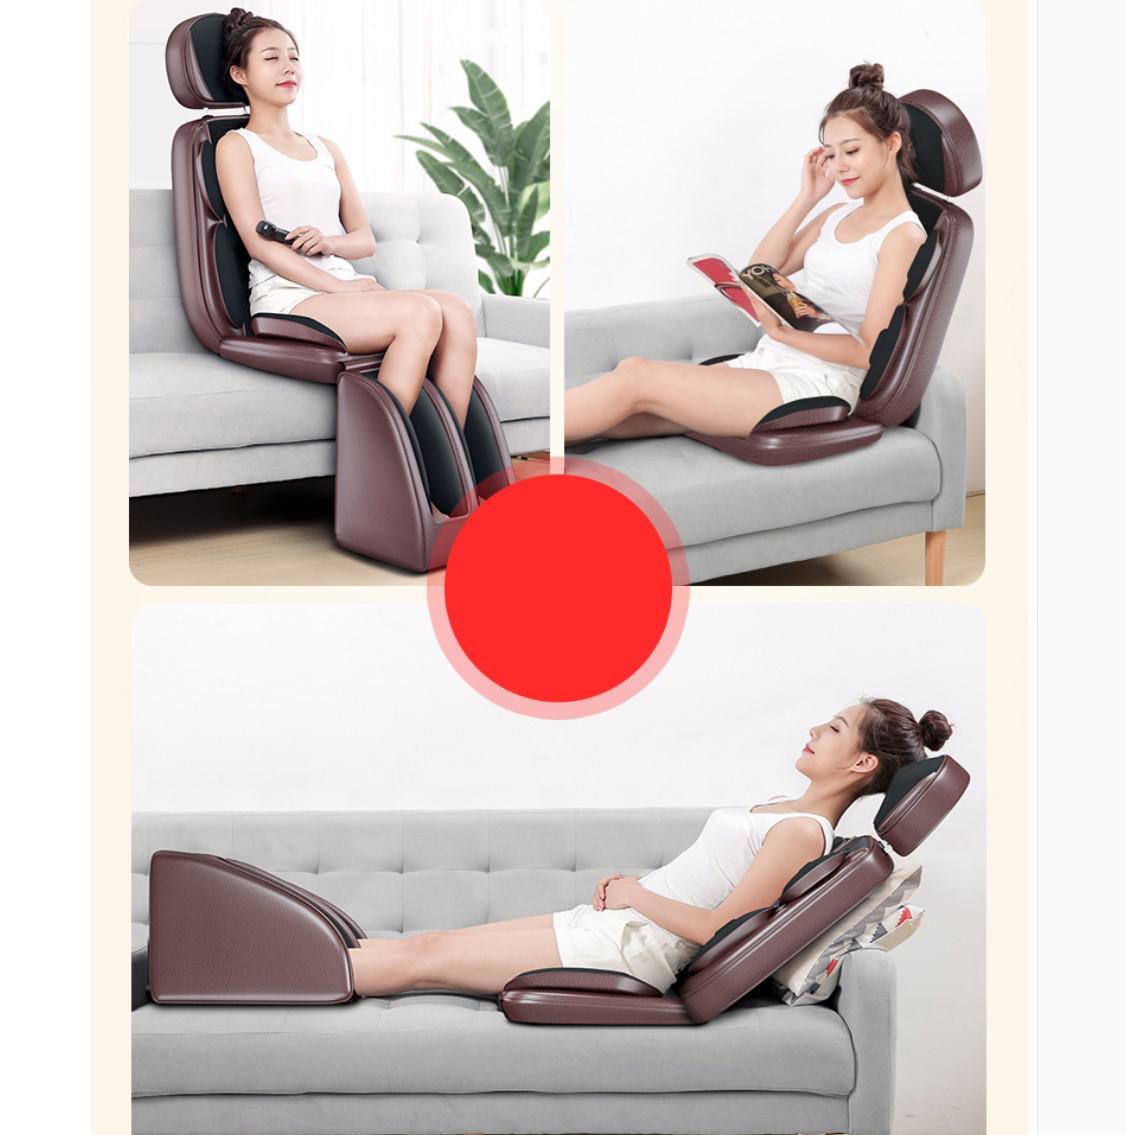 舒服颈椎按摩器仪颈部腰部背部肩部多功能全身靠垫按摩椅垫家用